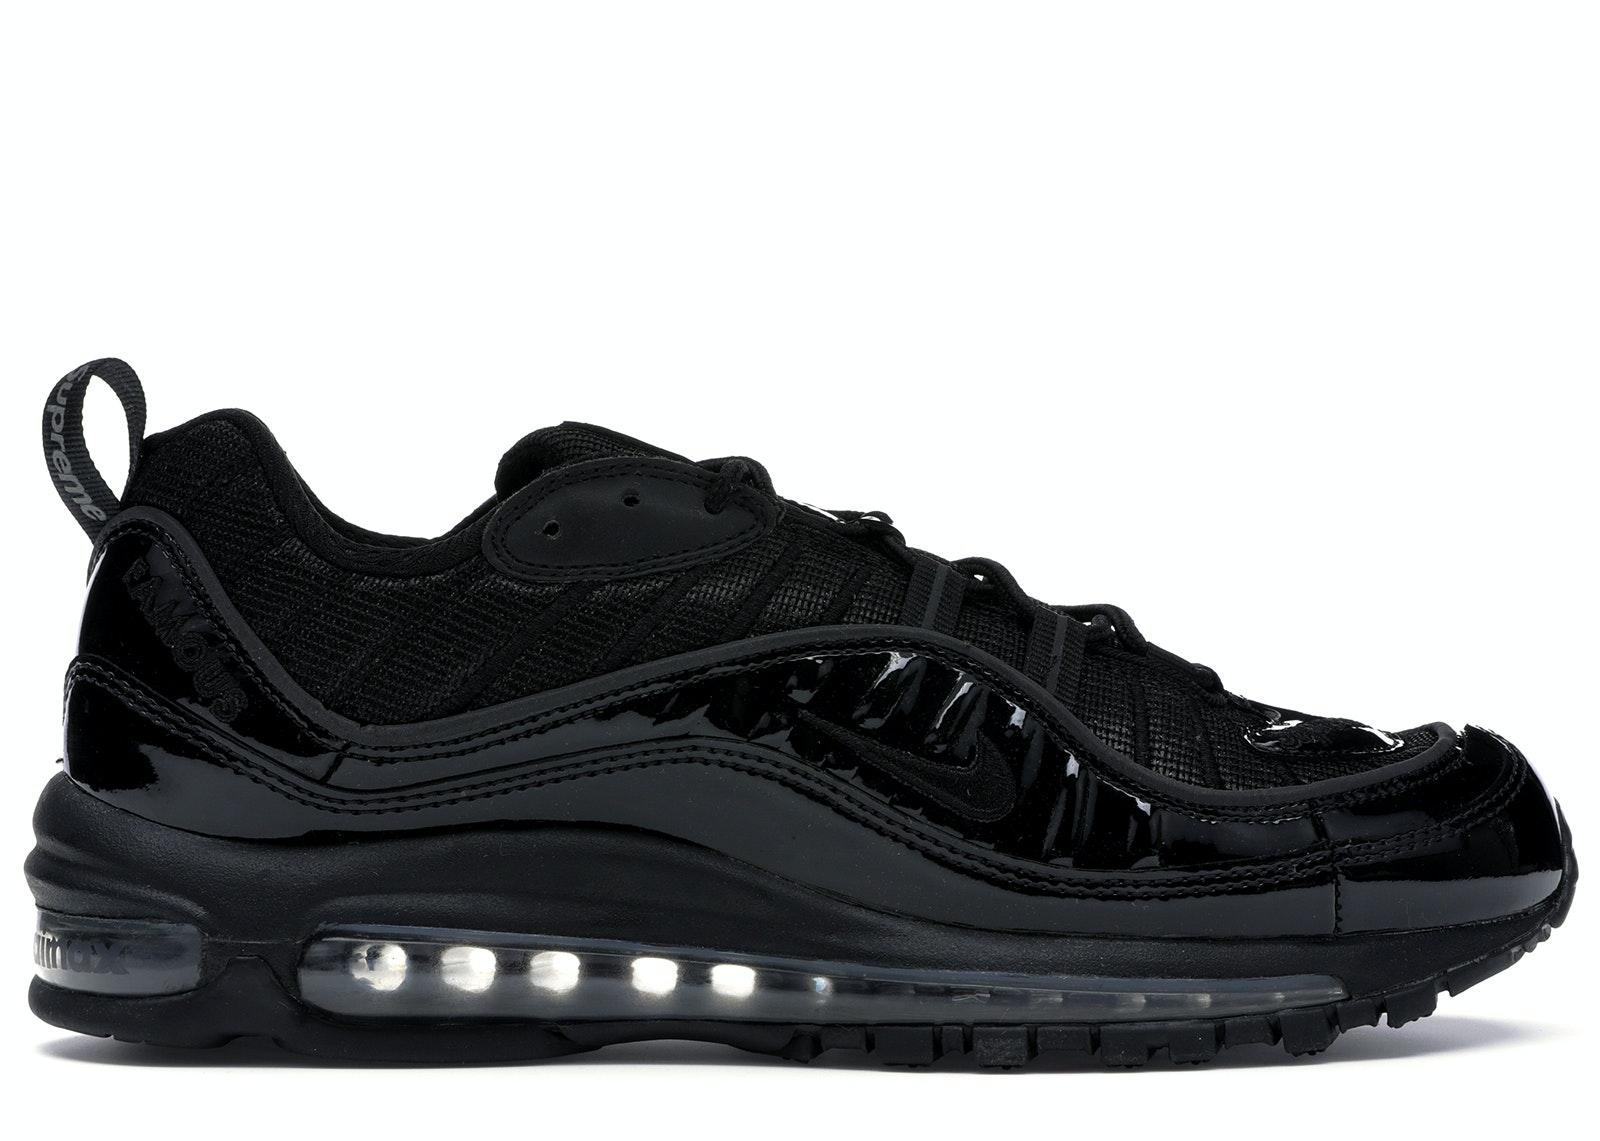 Air Max 98 Supreme Black